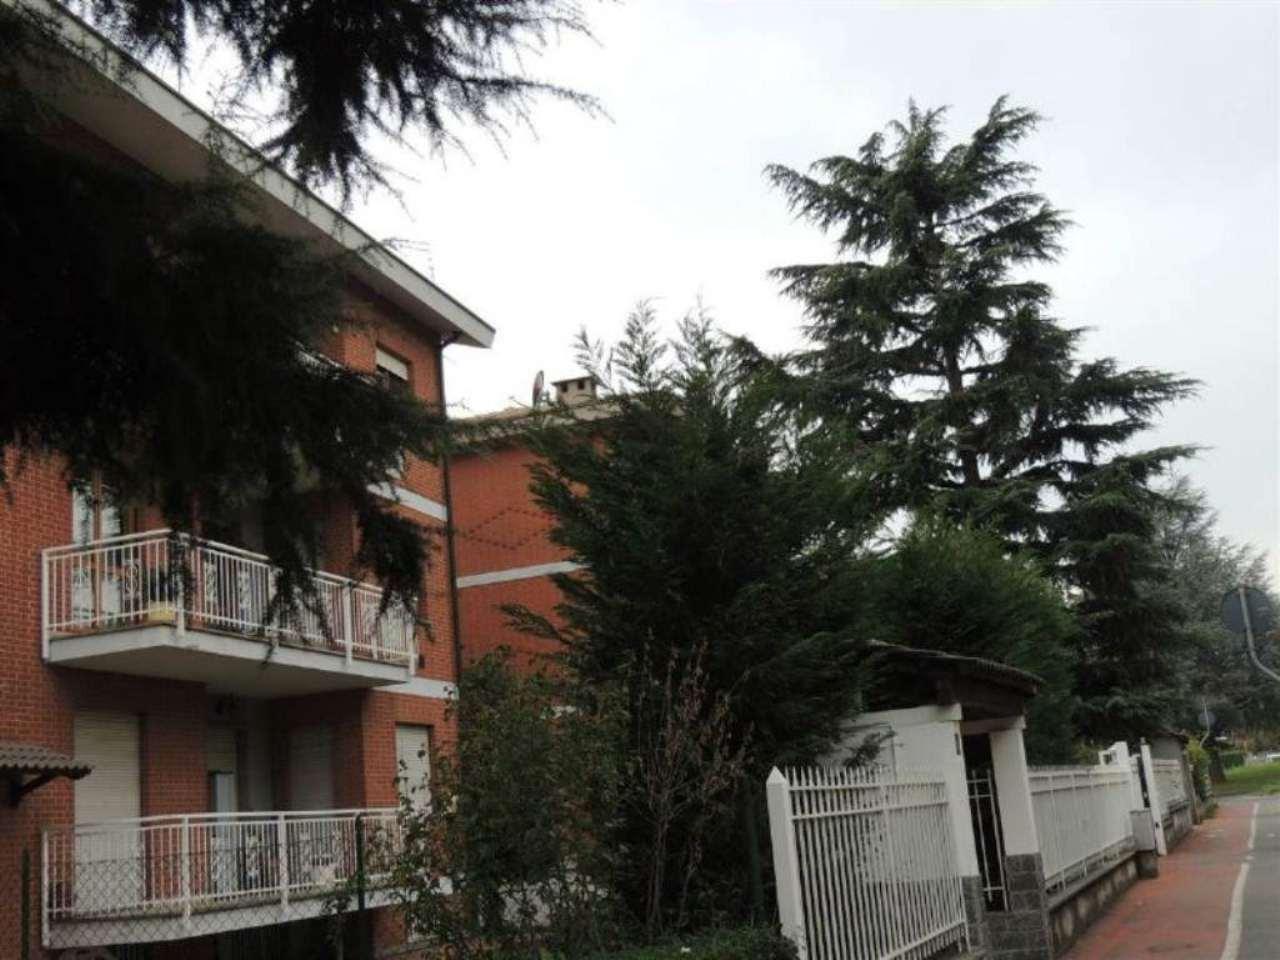 Ufficio / Studio in affitto a Collegno, 6 locali, prezzo € 780 | CambioCasa.it